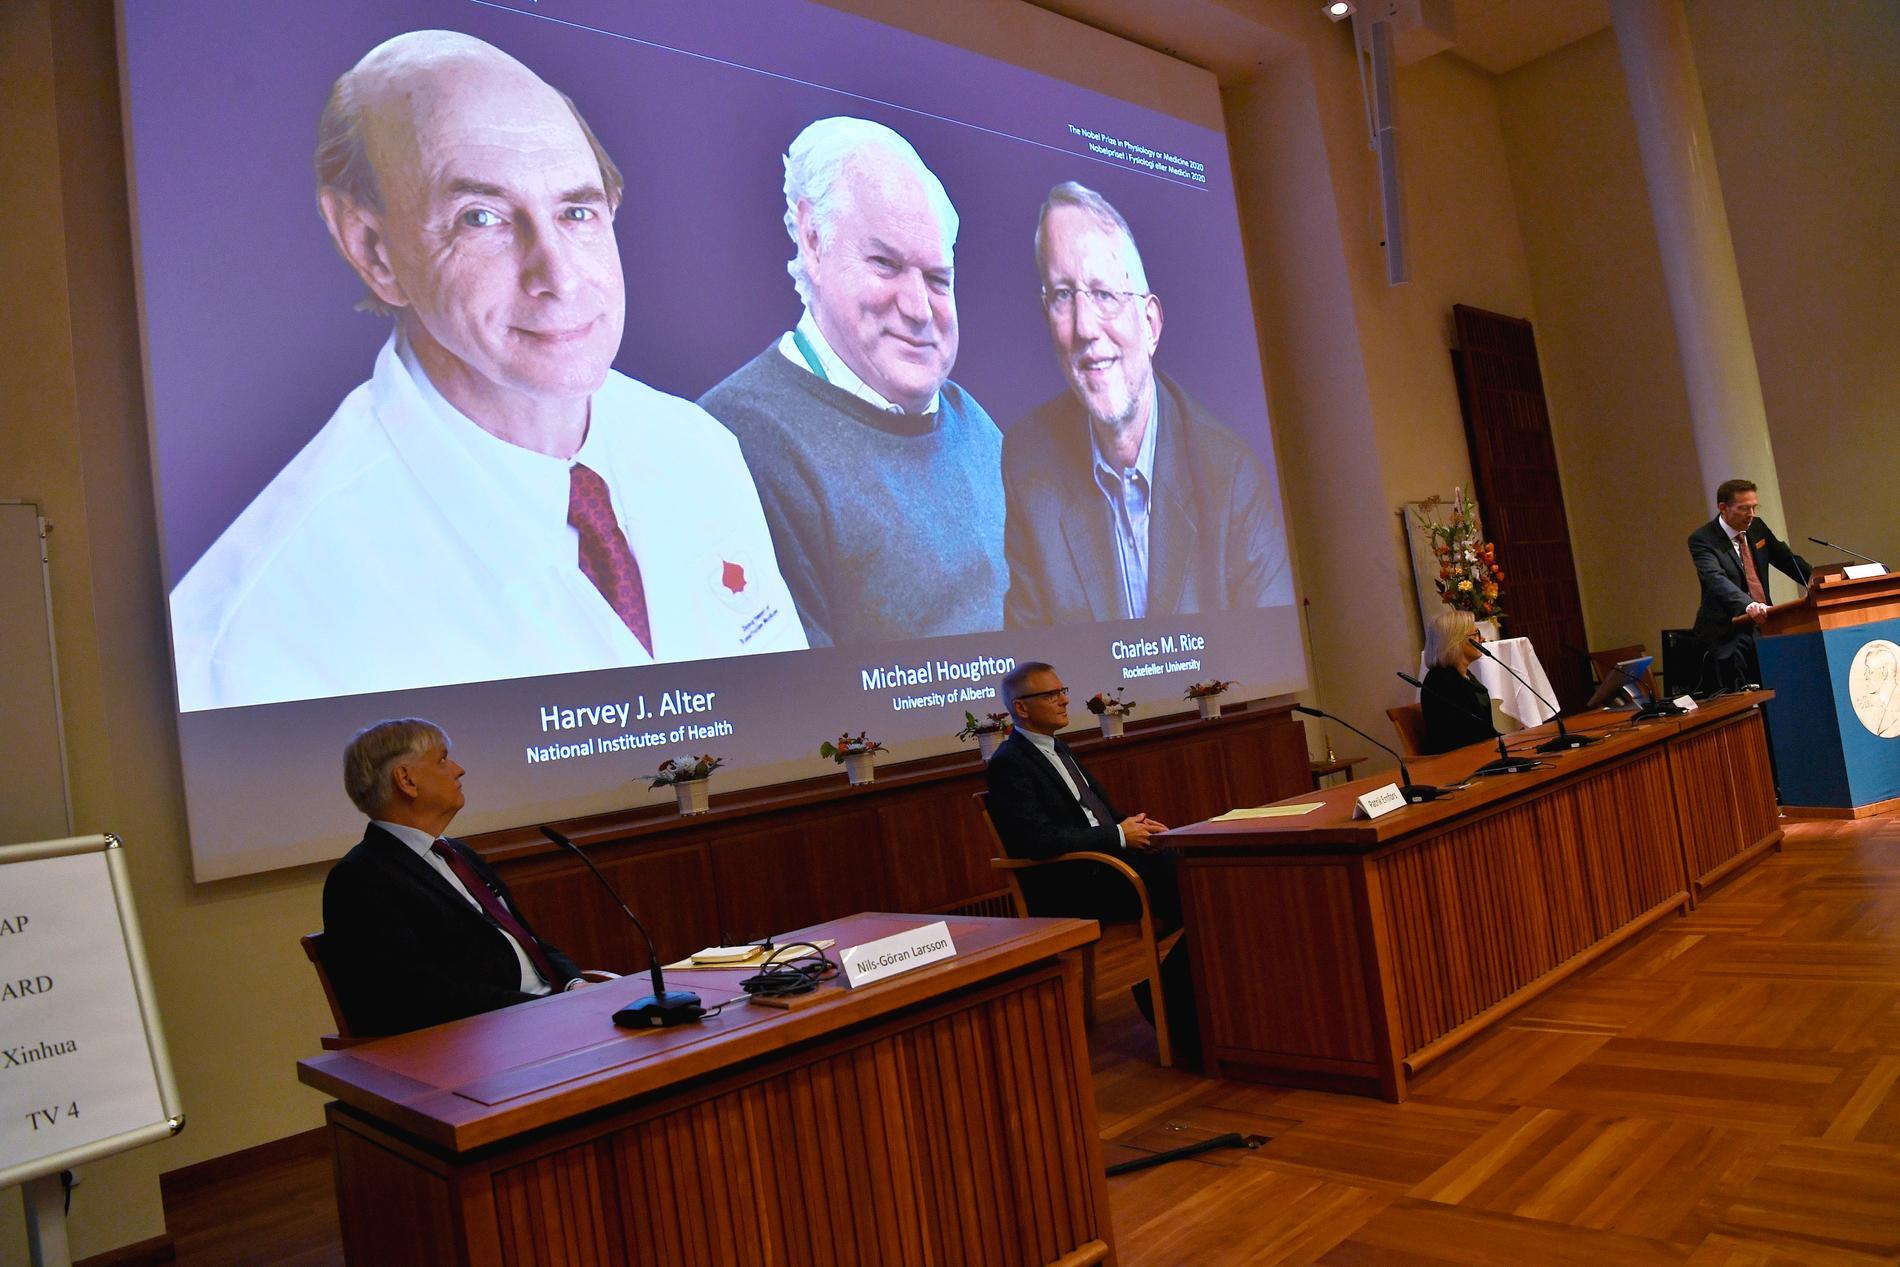 Harvey J. Alter, Michael Houghton och Charles M. Rice får Nobelpriset i medicin efter upptäckten om hepatit C-virus.